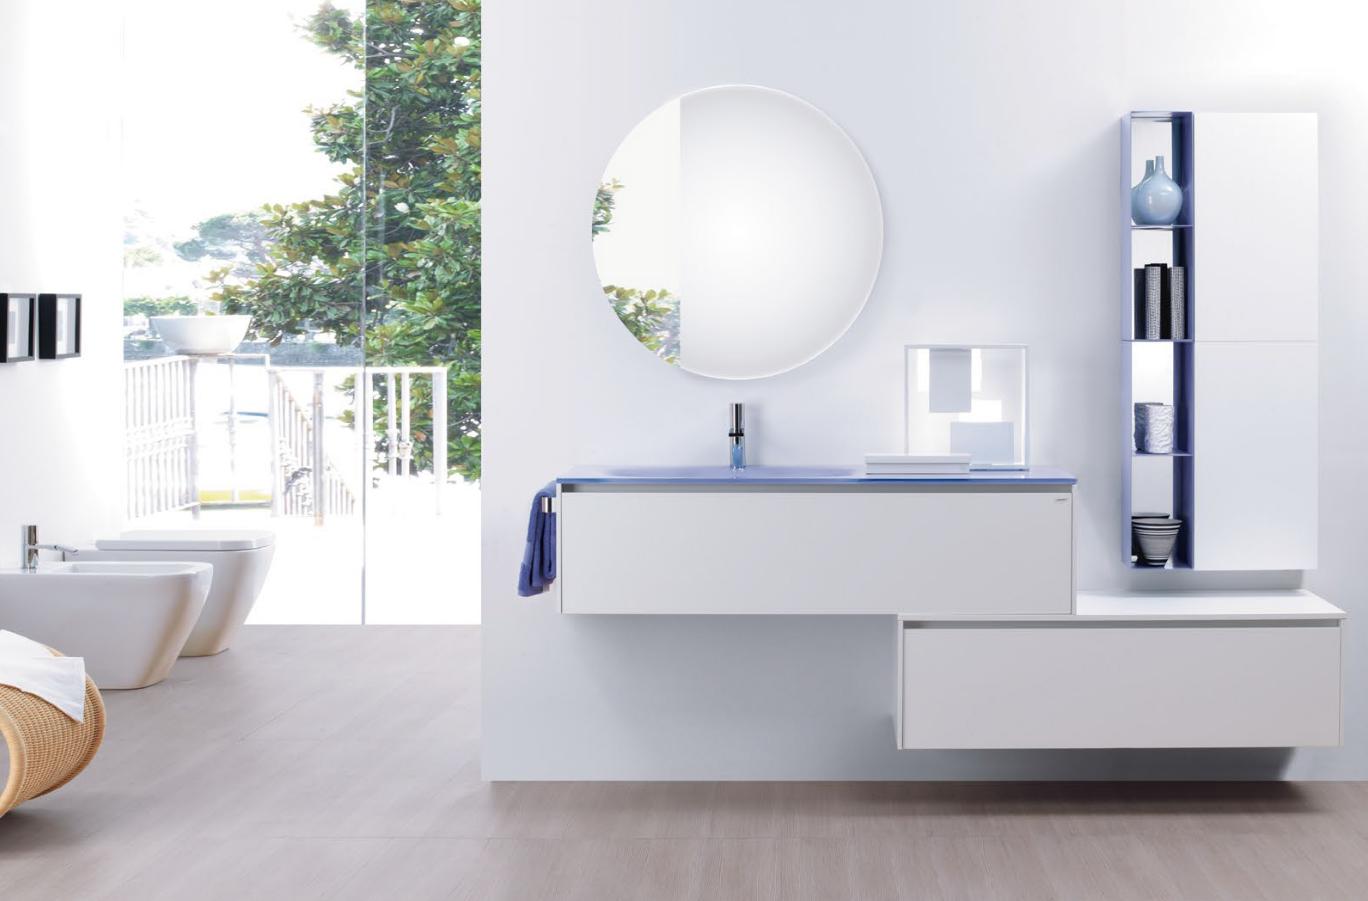 Mobilcrab优雅简约的卫浴风格征服你的心